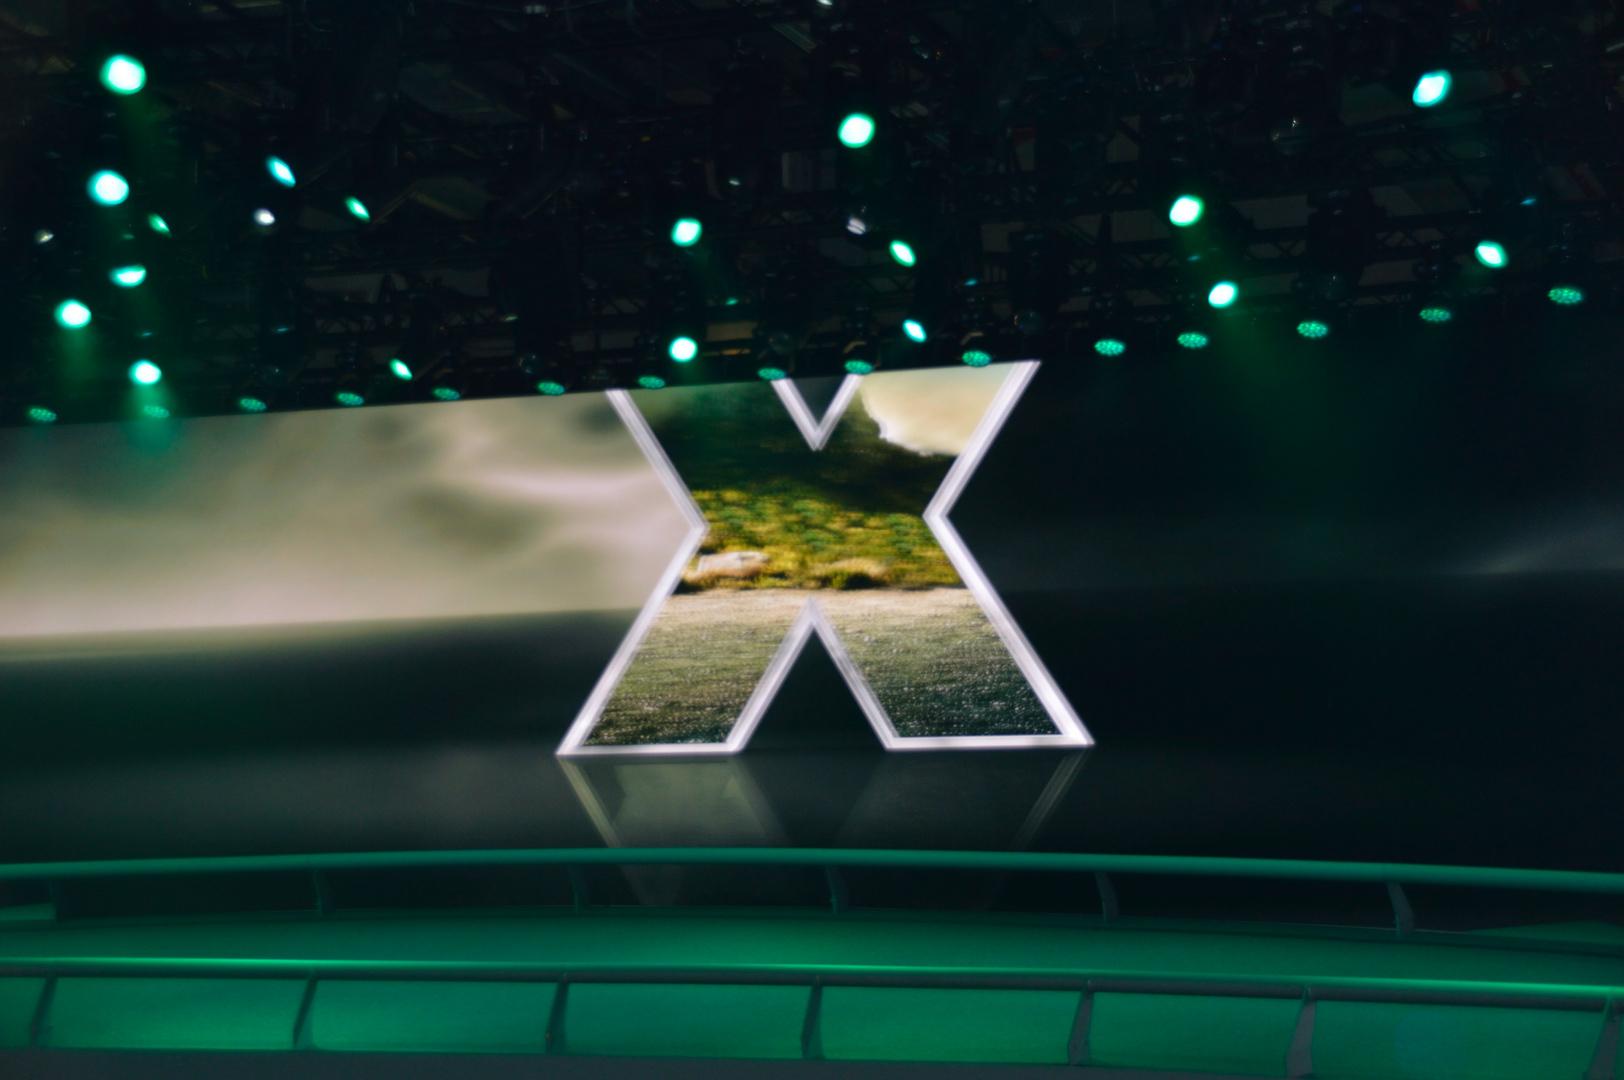 auf der IAA 2013 bei der Präsentation neuer X5 in der BMW Halle